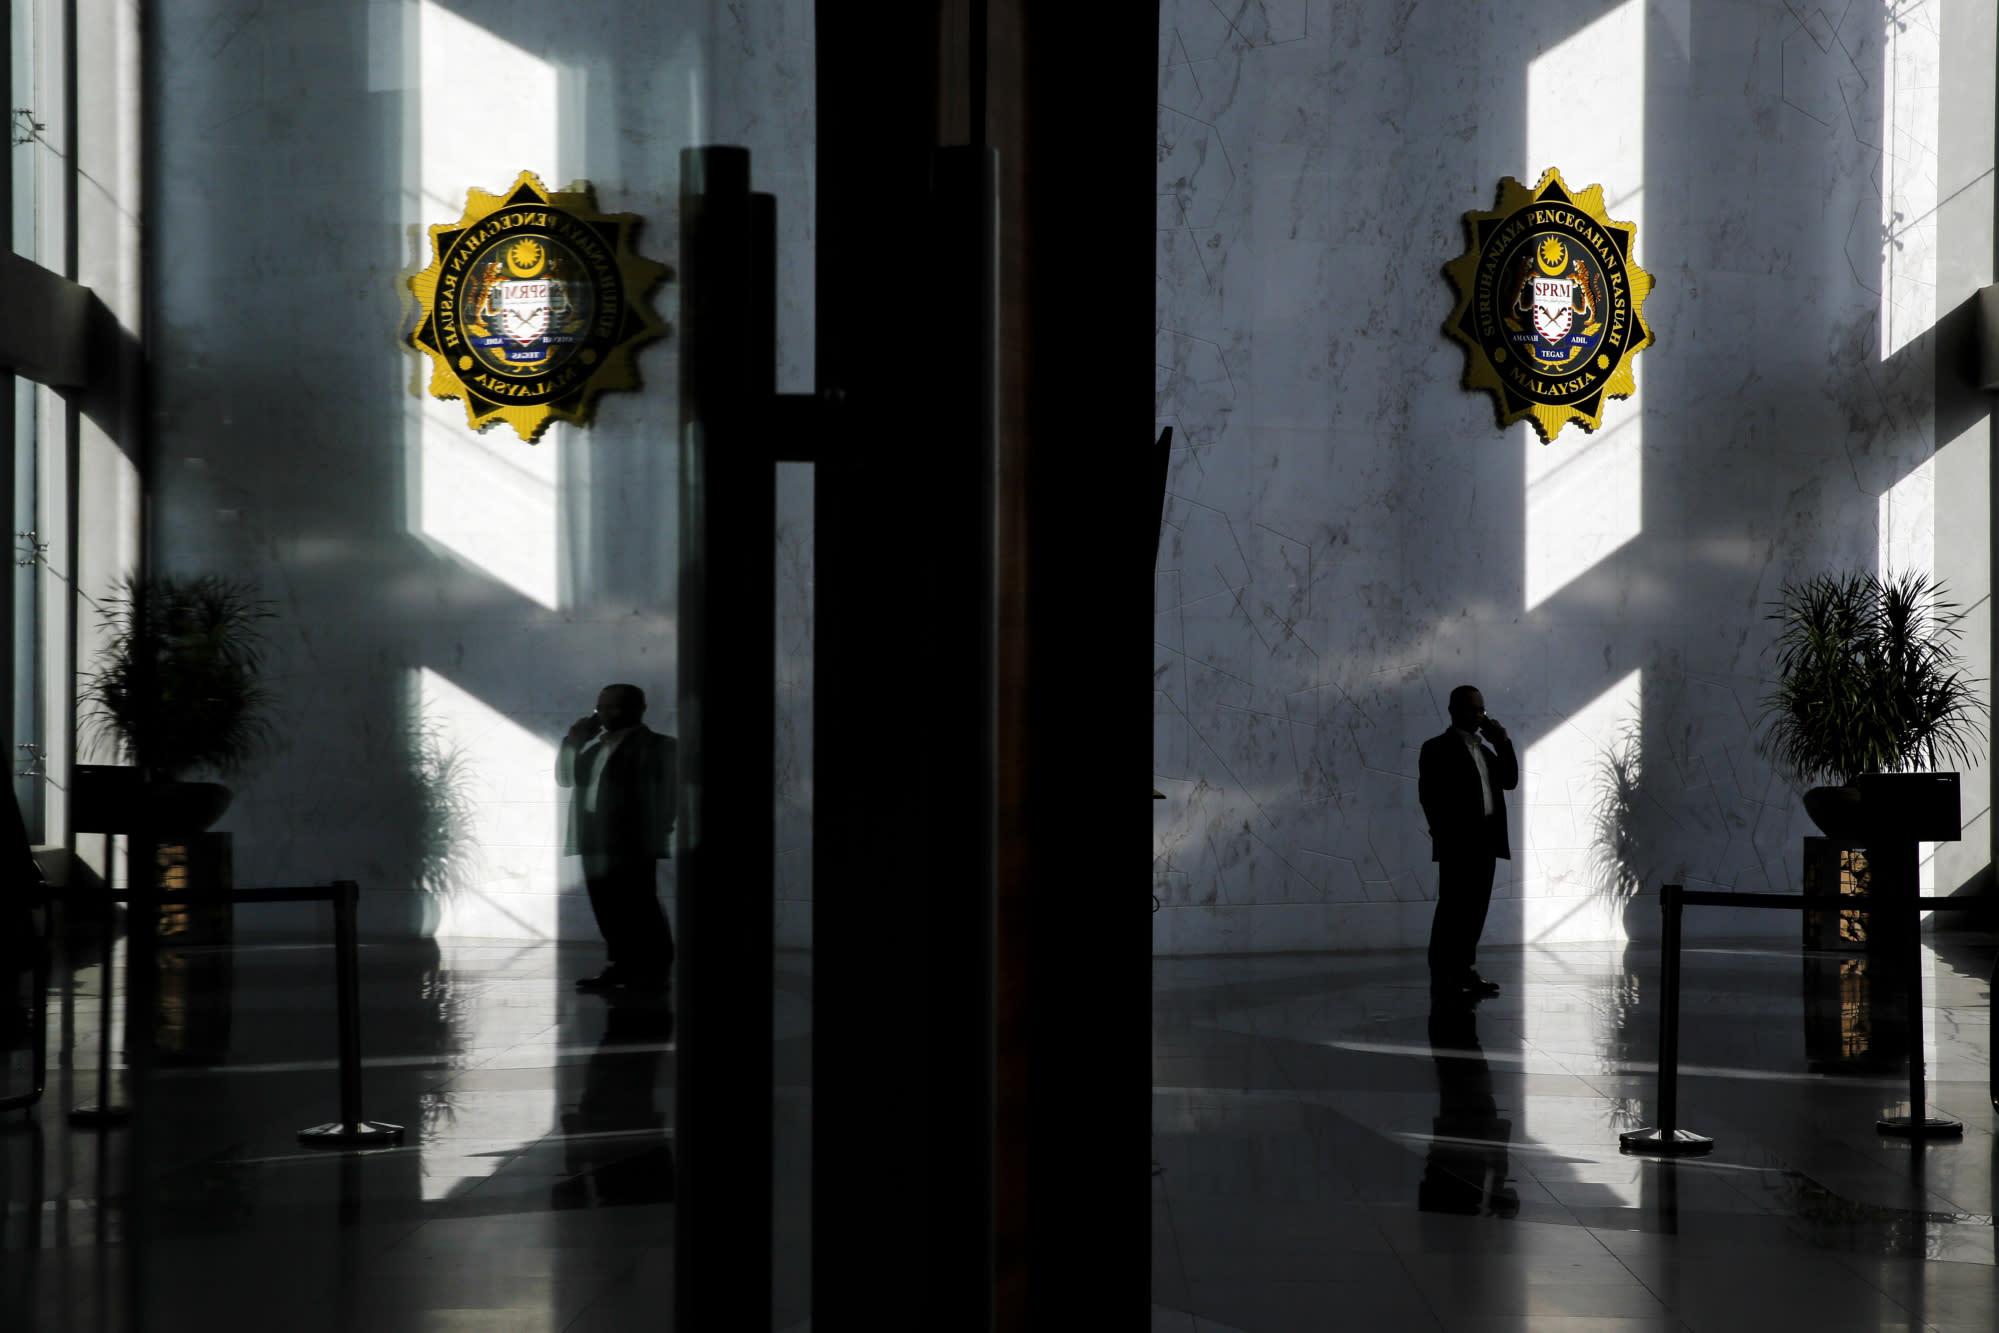 Malaysia Police Seek 1MDB Documents From Goldman's Lawyer